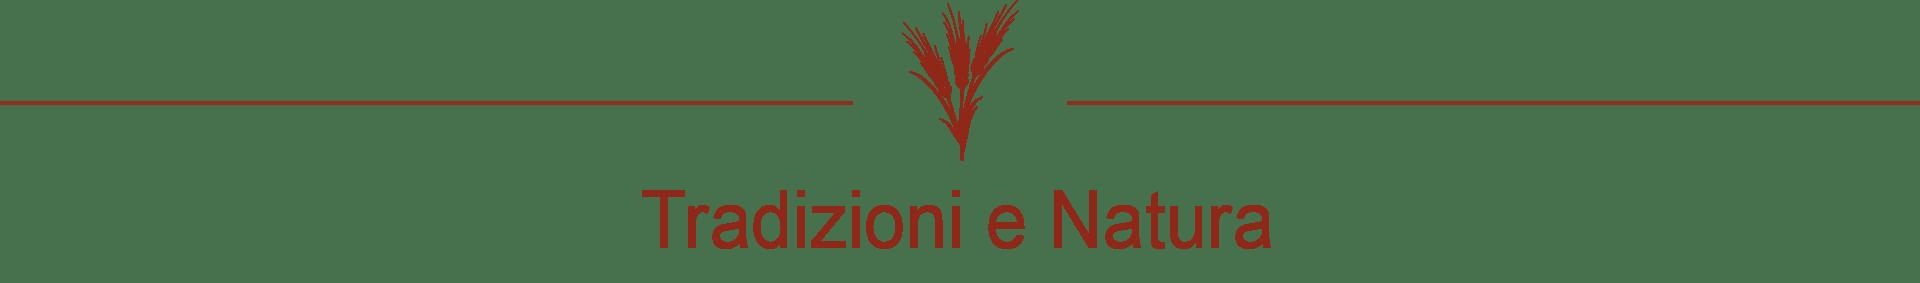 titolo-tradizioni-e-natura